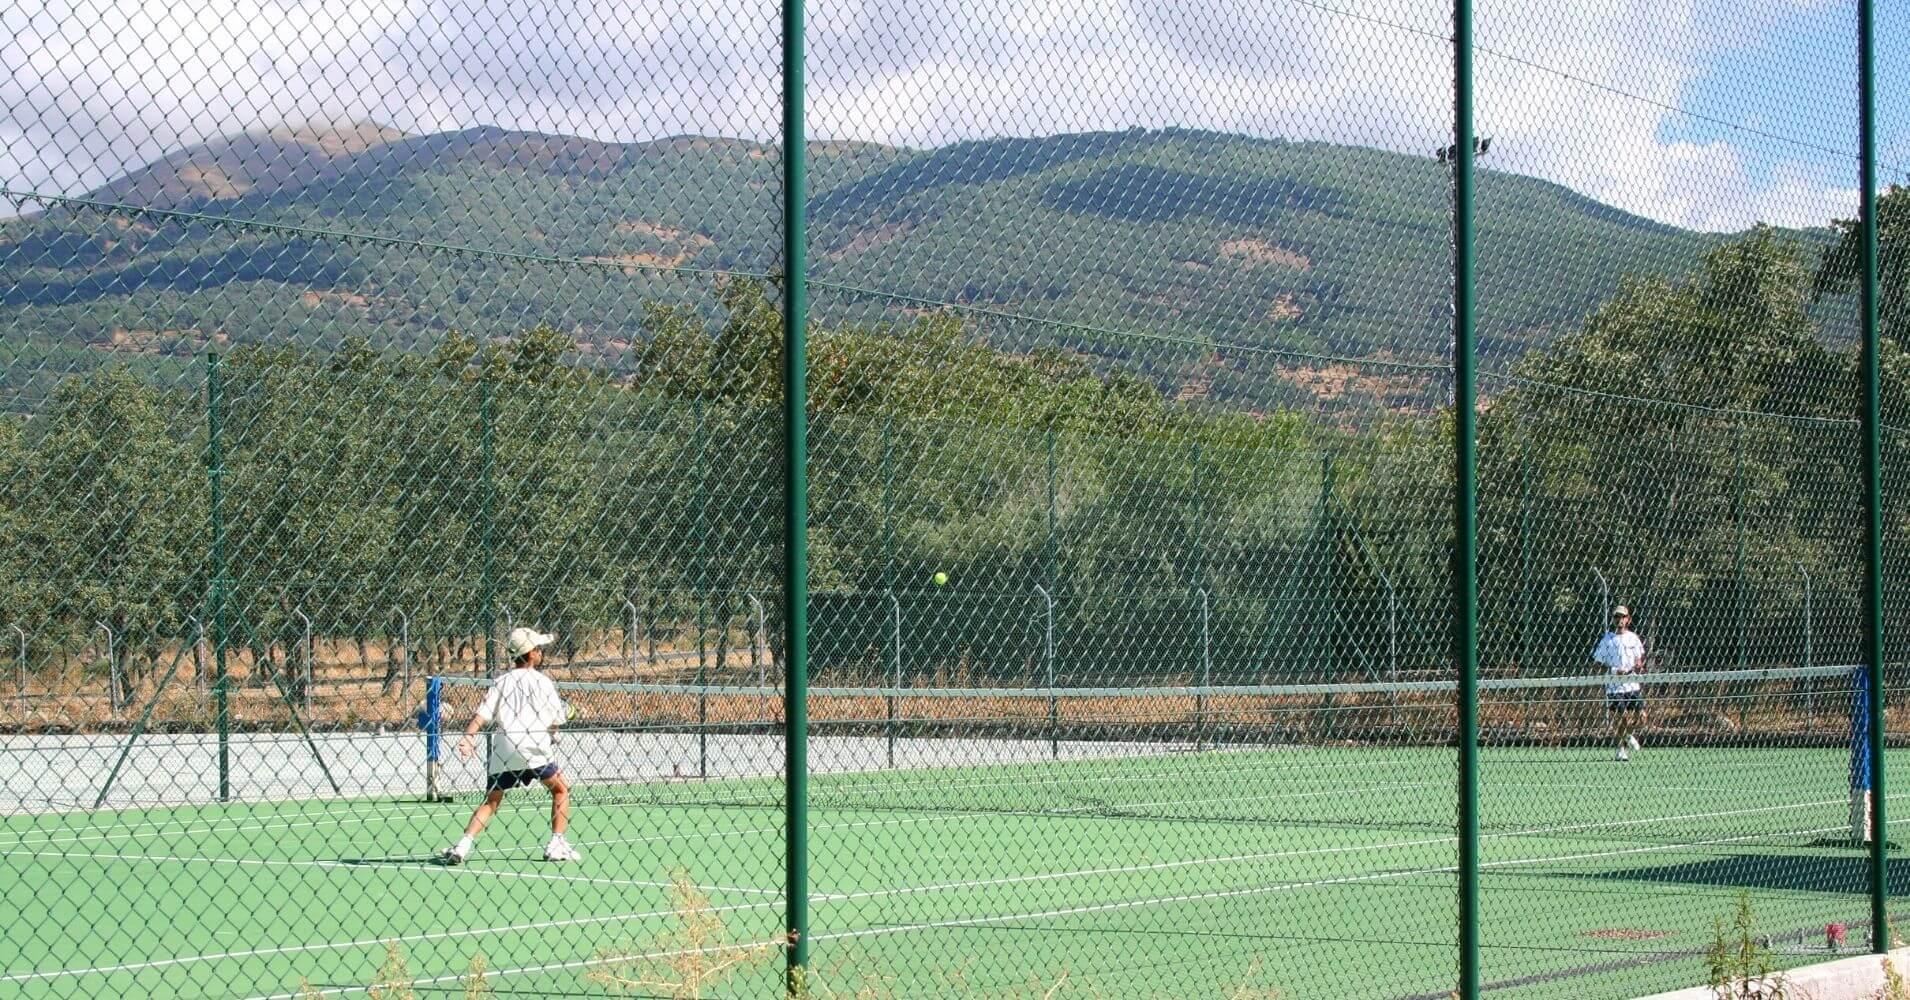 Pista de Tenis Camping Candeleda. Ávila, Castilla y León.